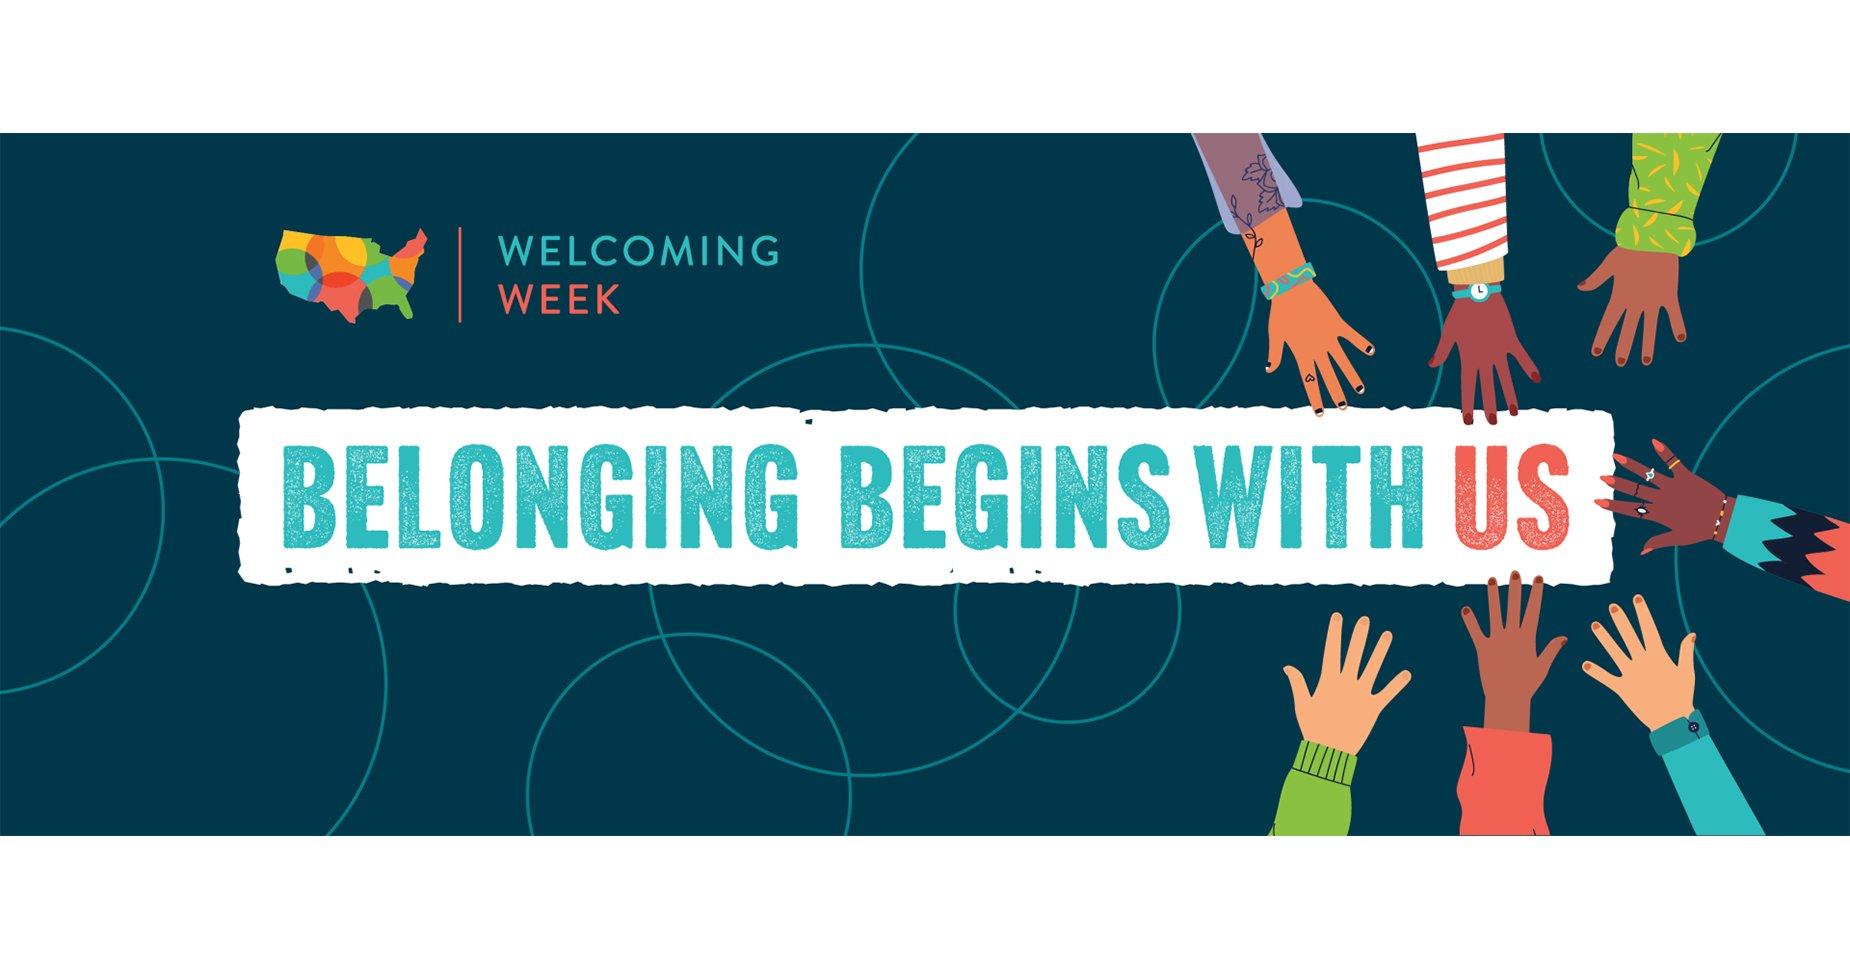 Welcoming Week 2021